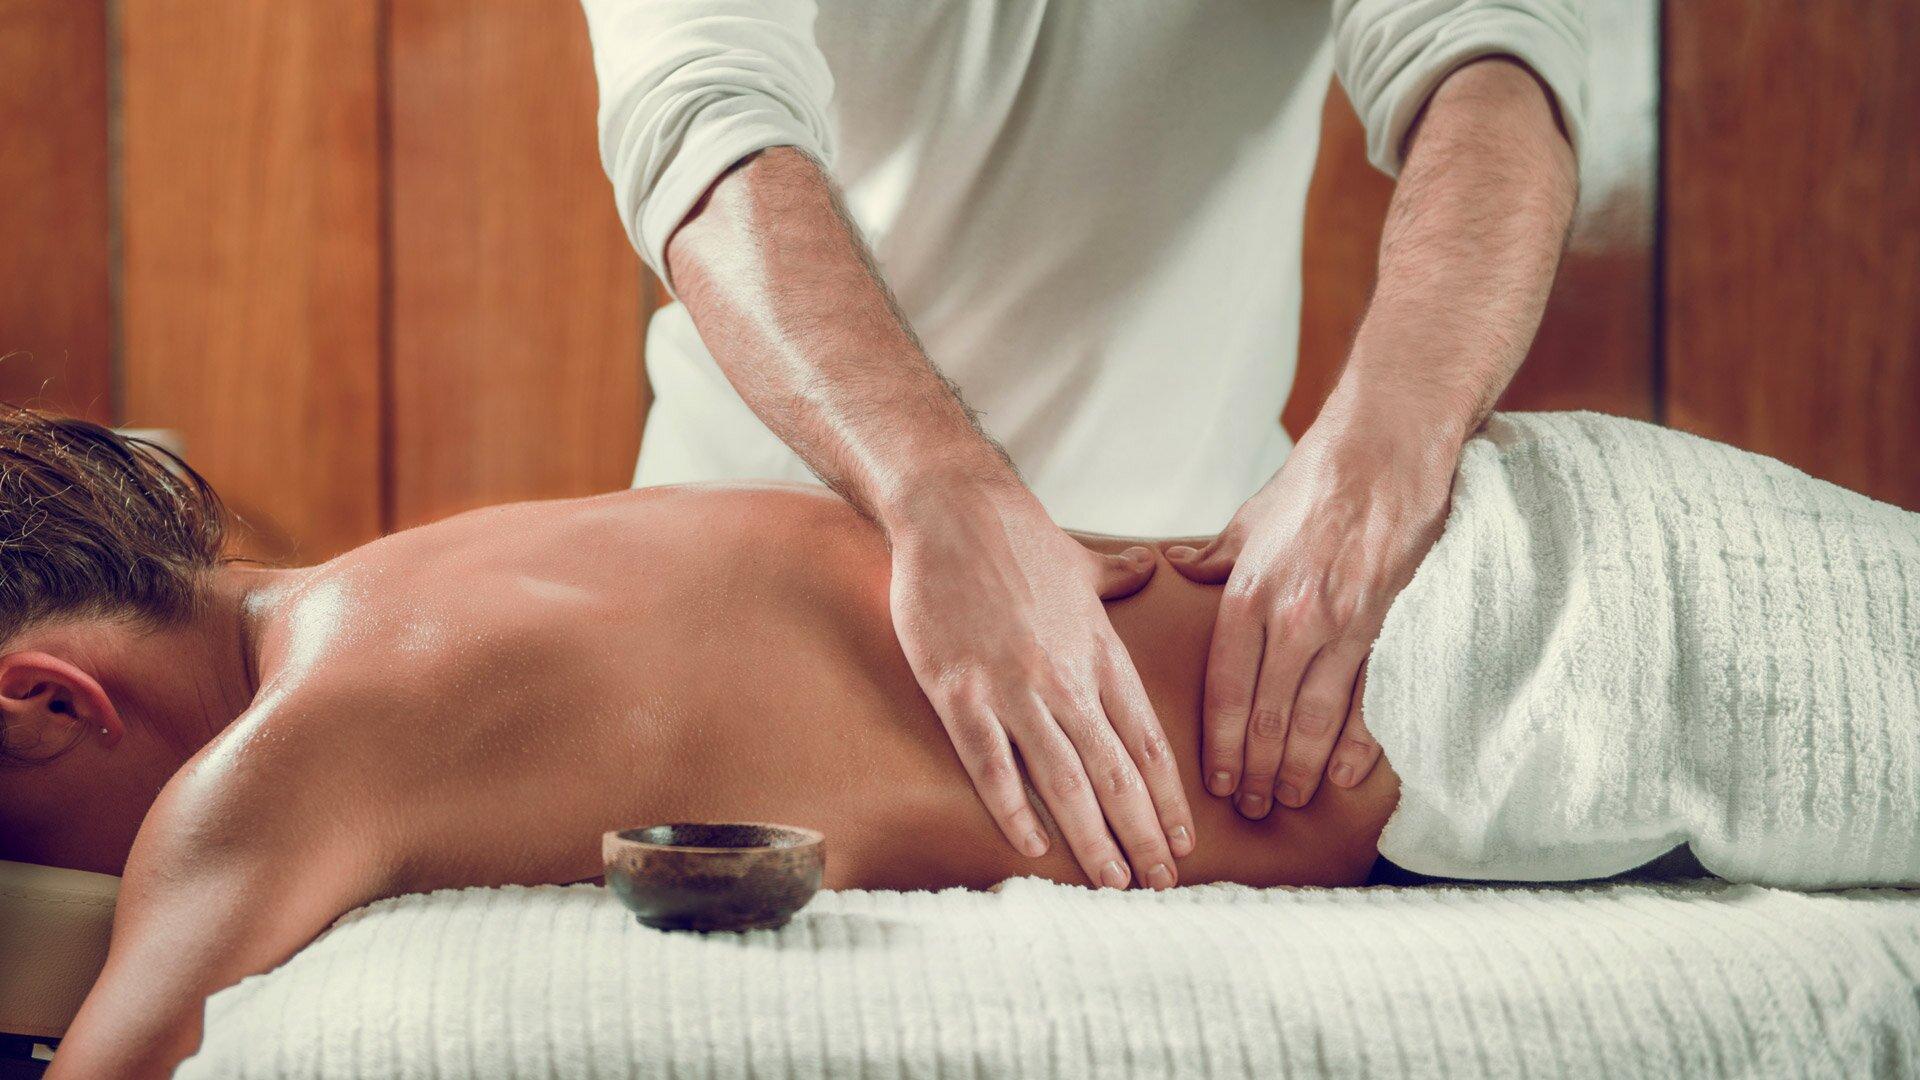 Как правильно делать массаж спины? пошаговое описание движений